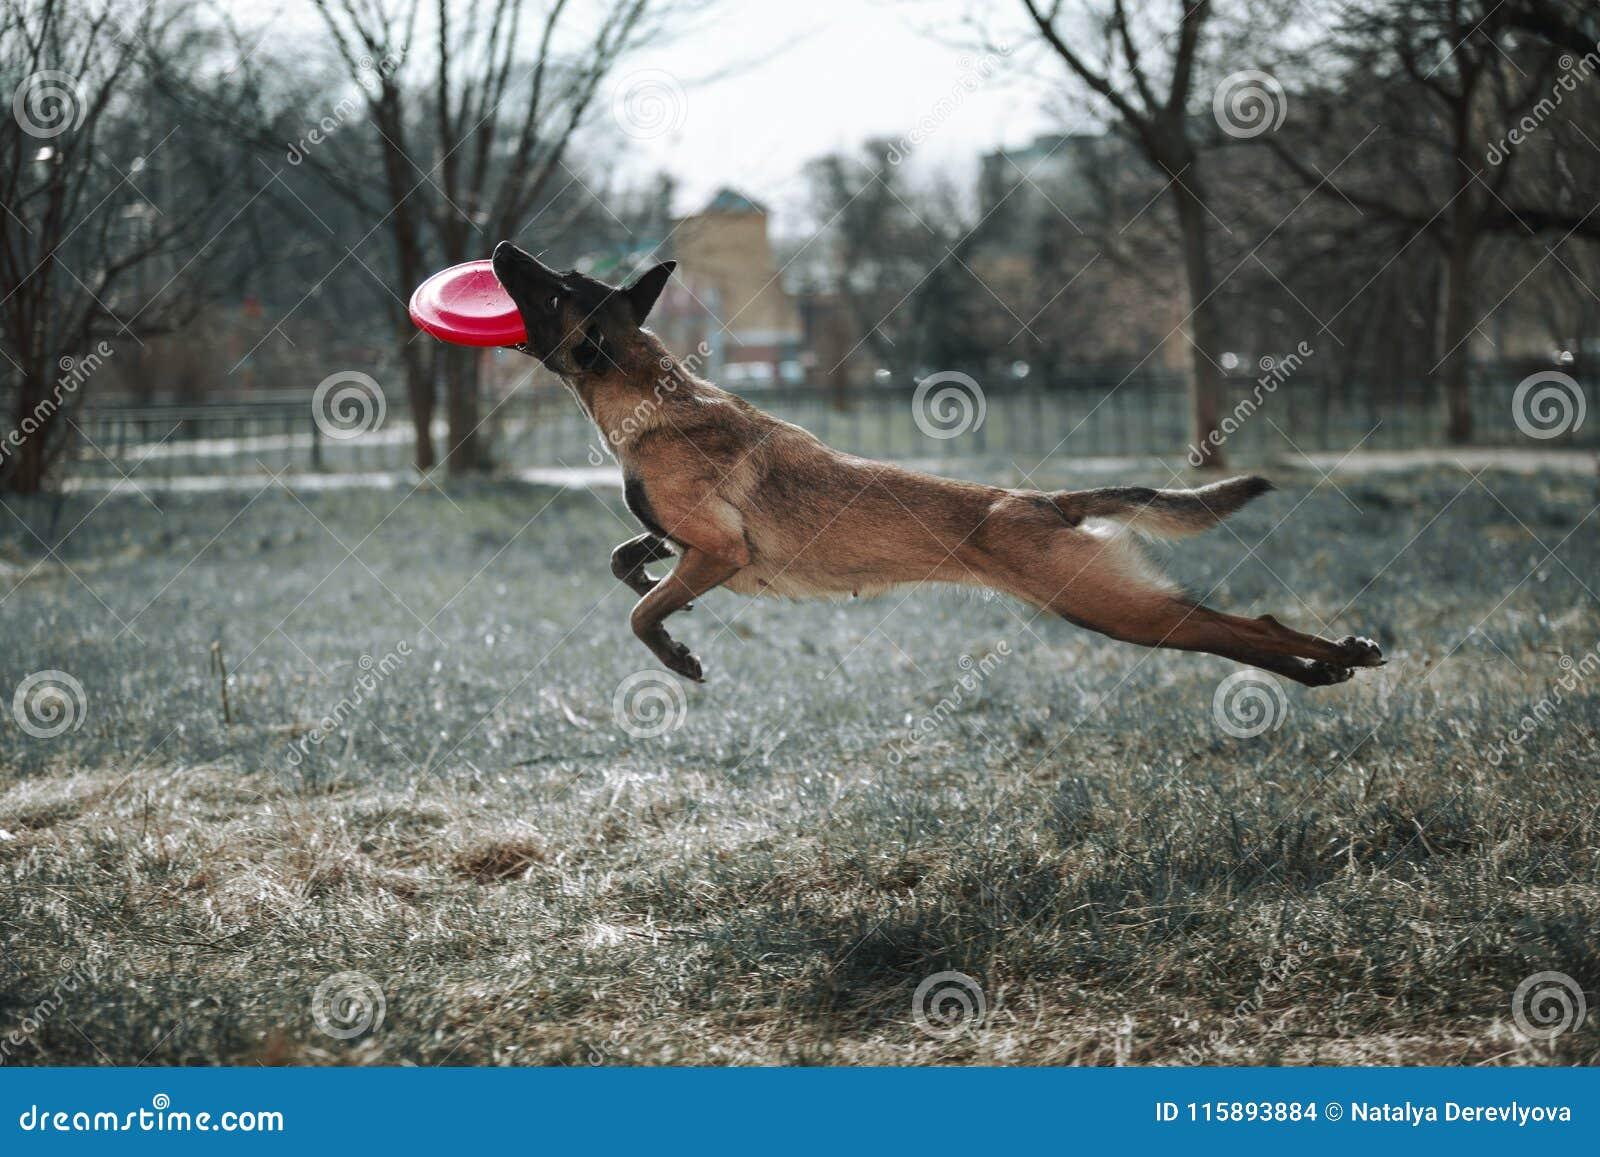 Hunden hoppar högt och spelar i Frisbee